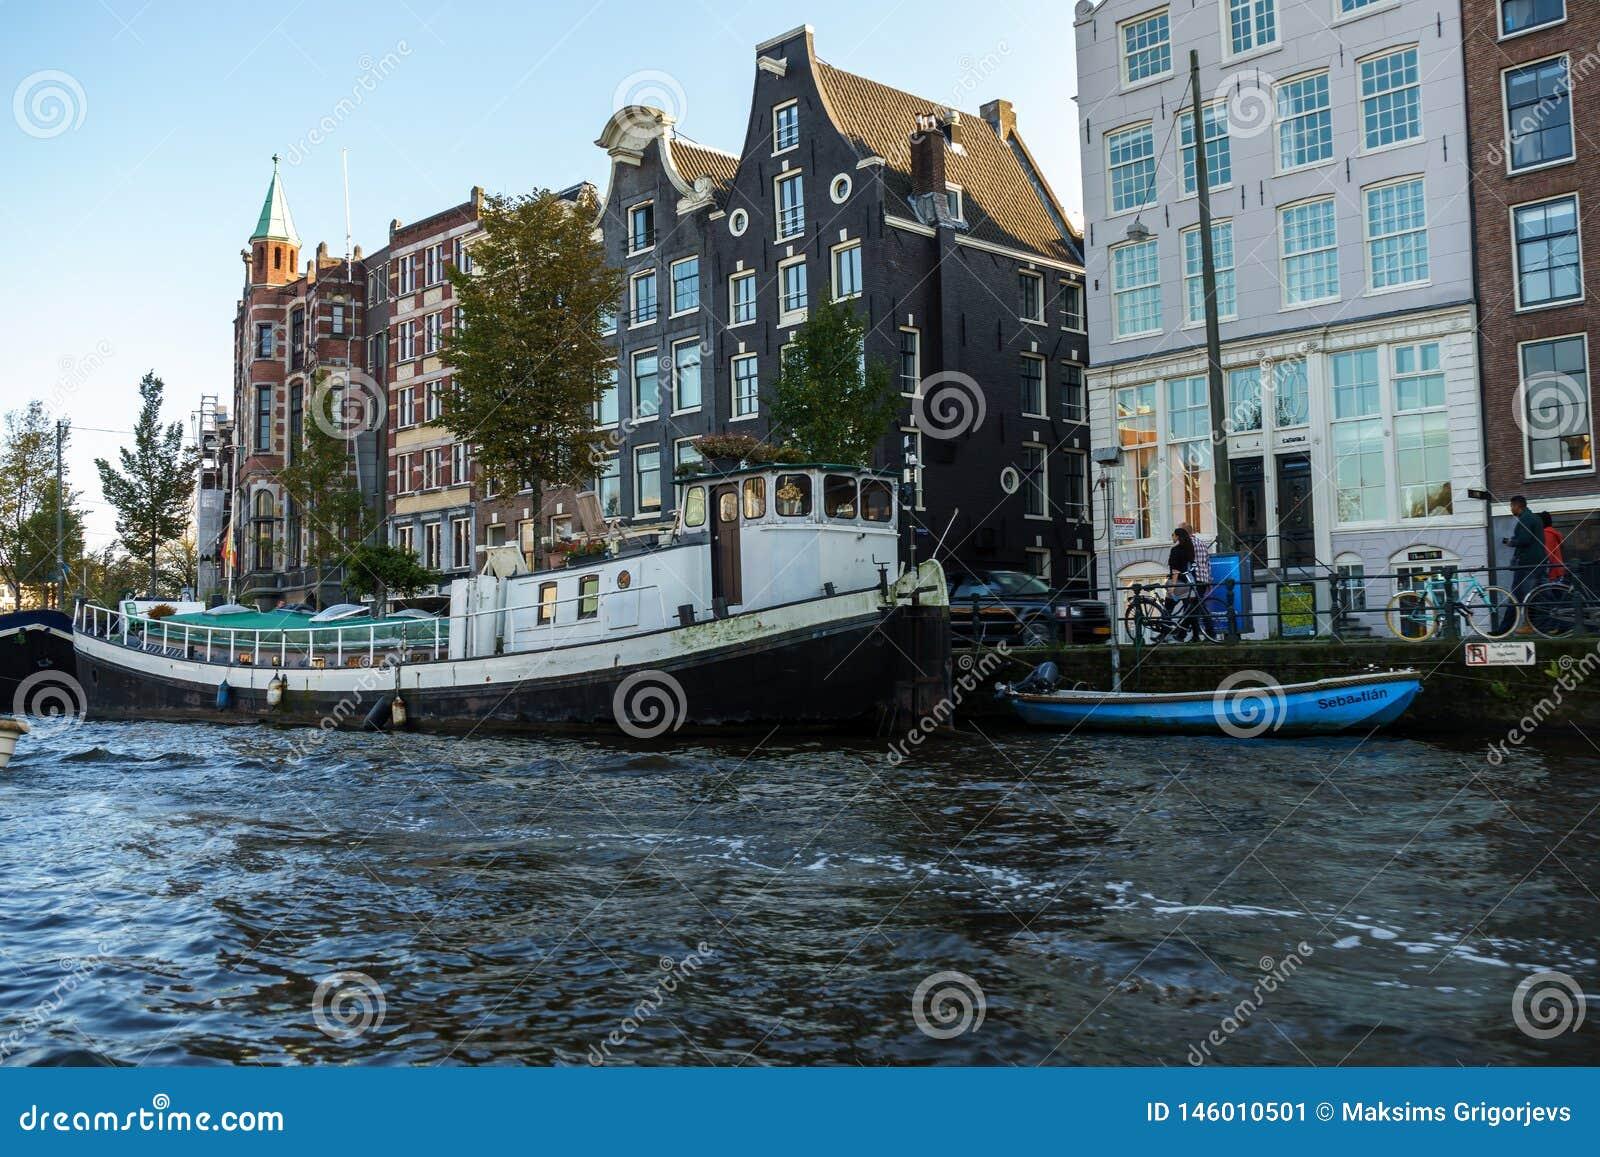 Altes touristisches Boot in Amsterdam-Kanal, am 12. Oktober 2017